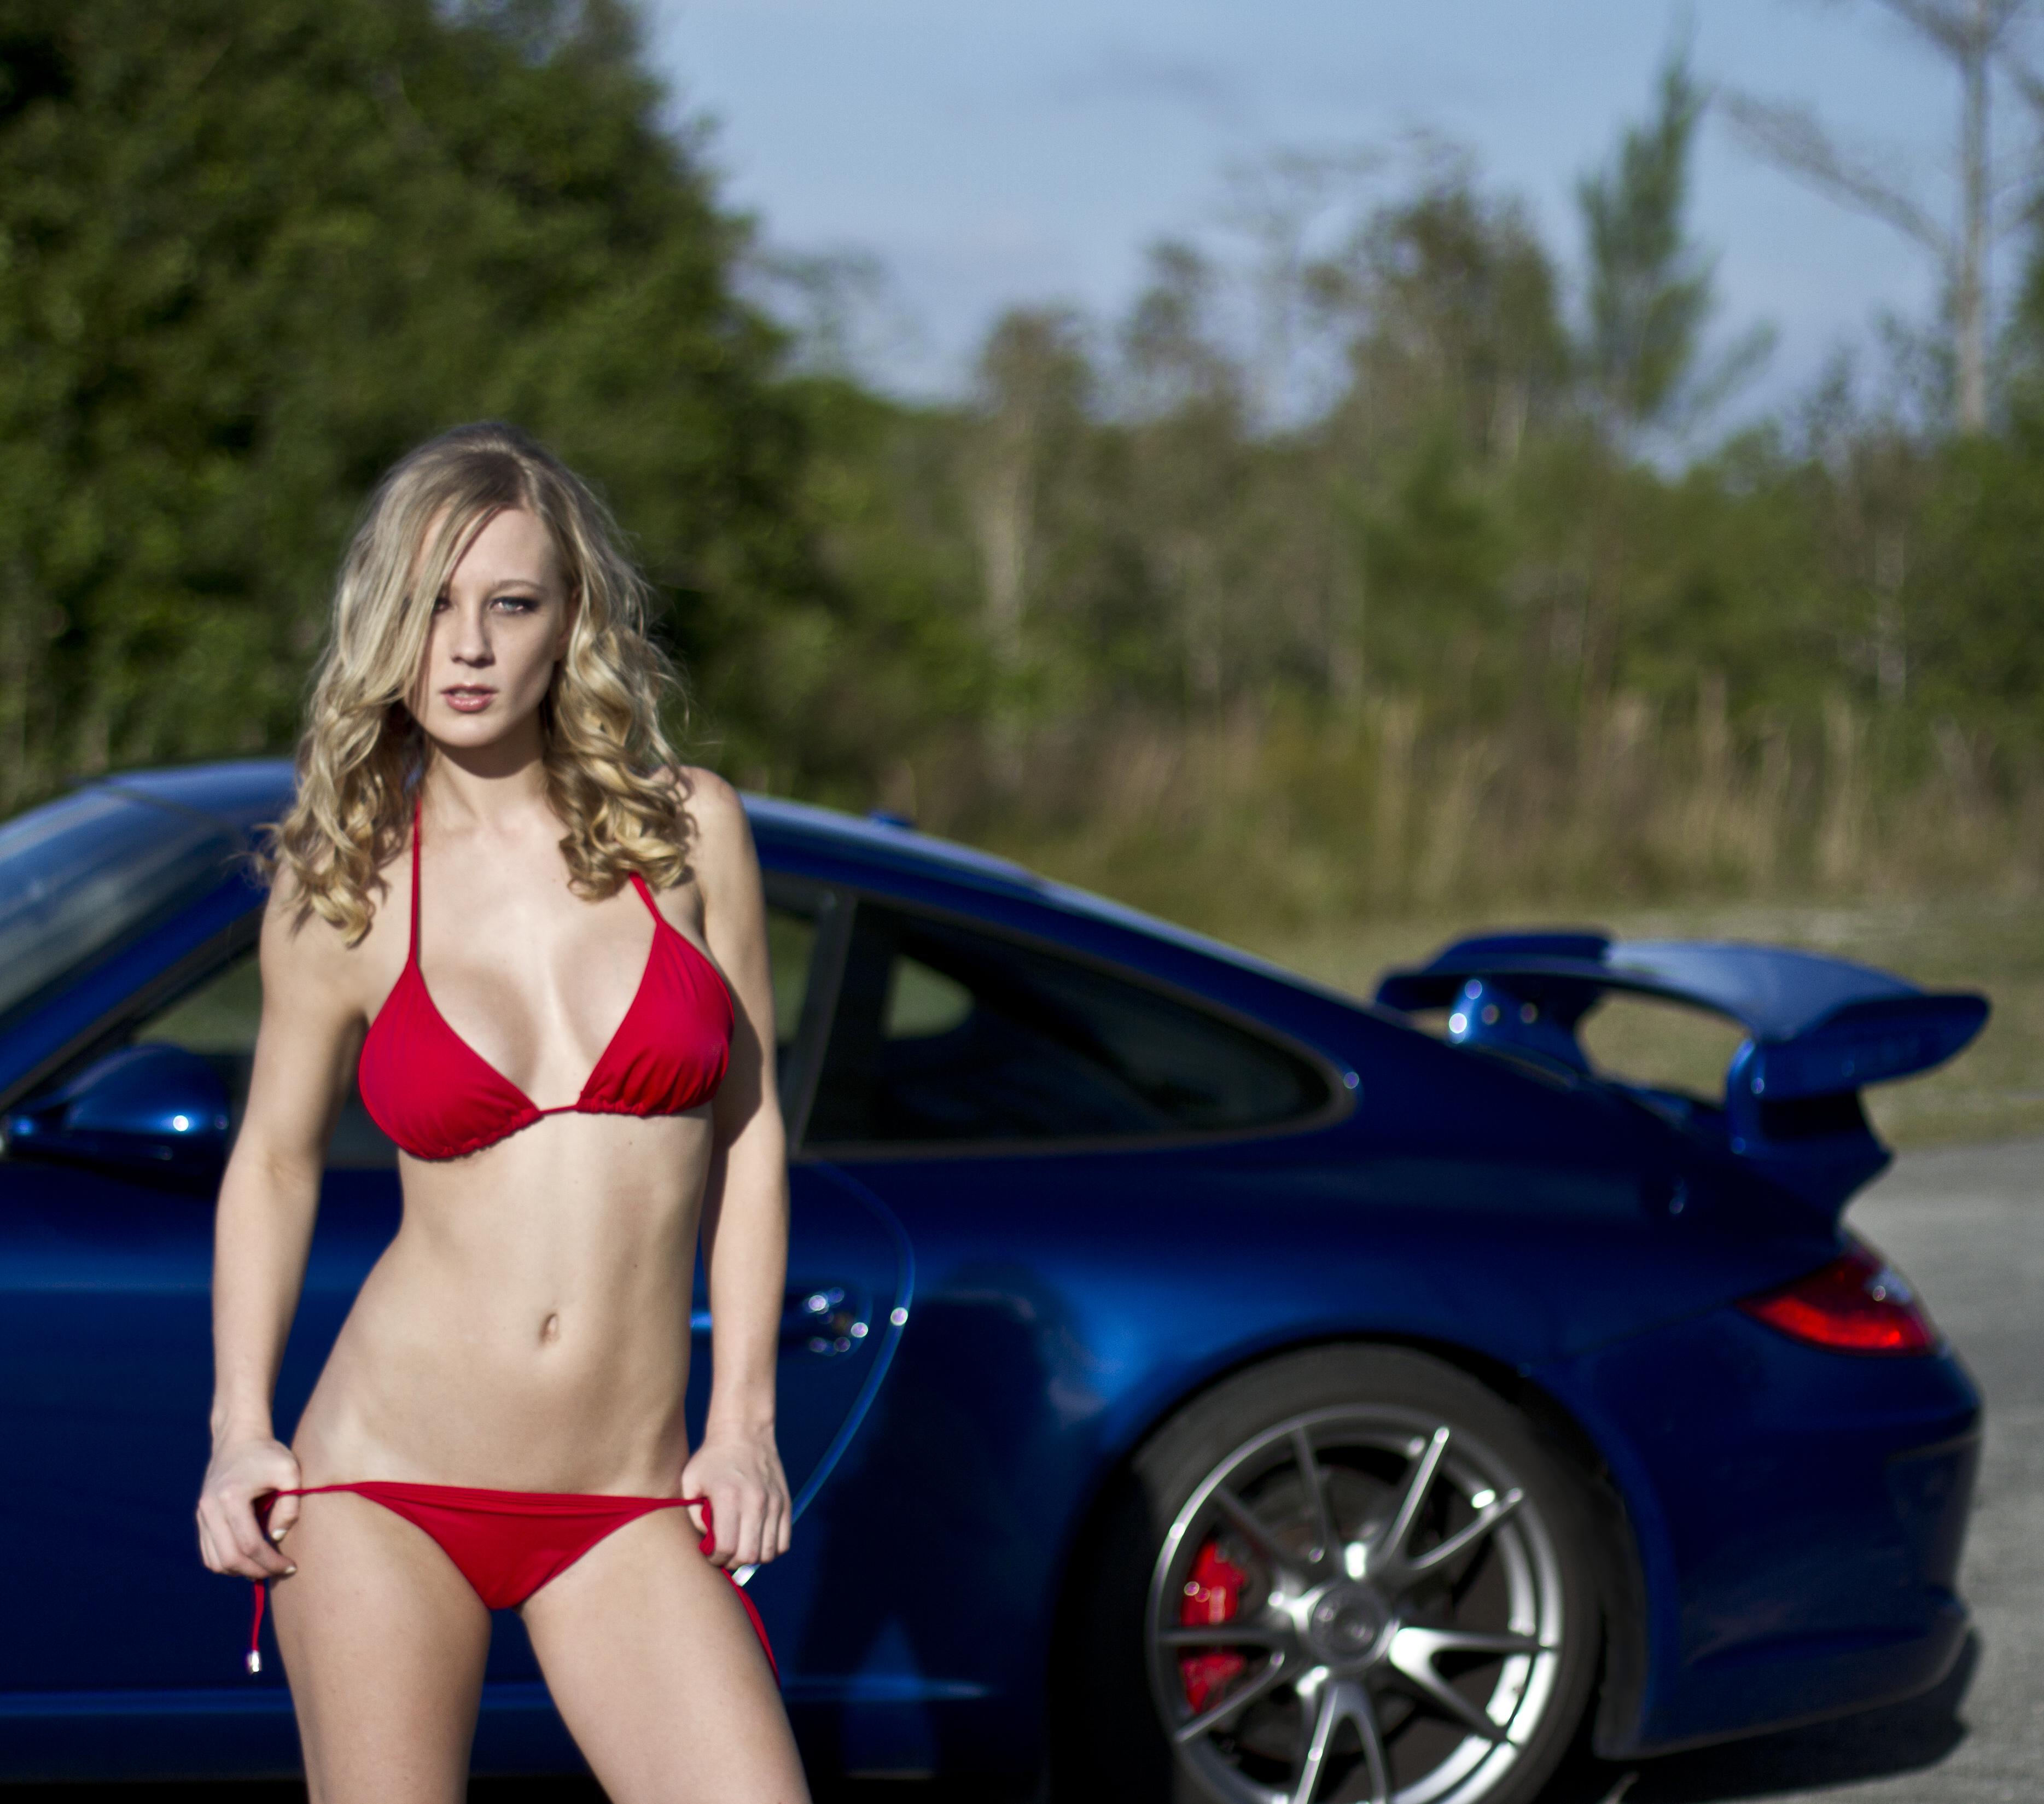 Car girl and Porsche 911